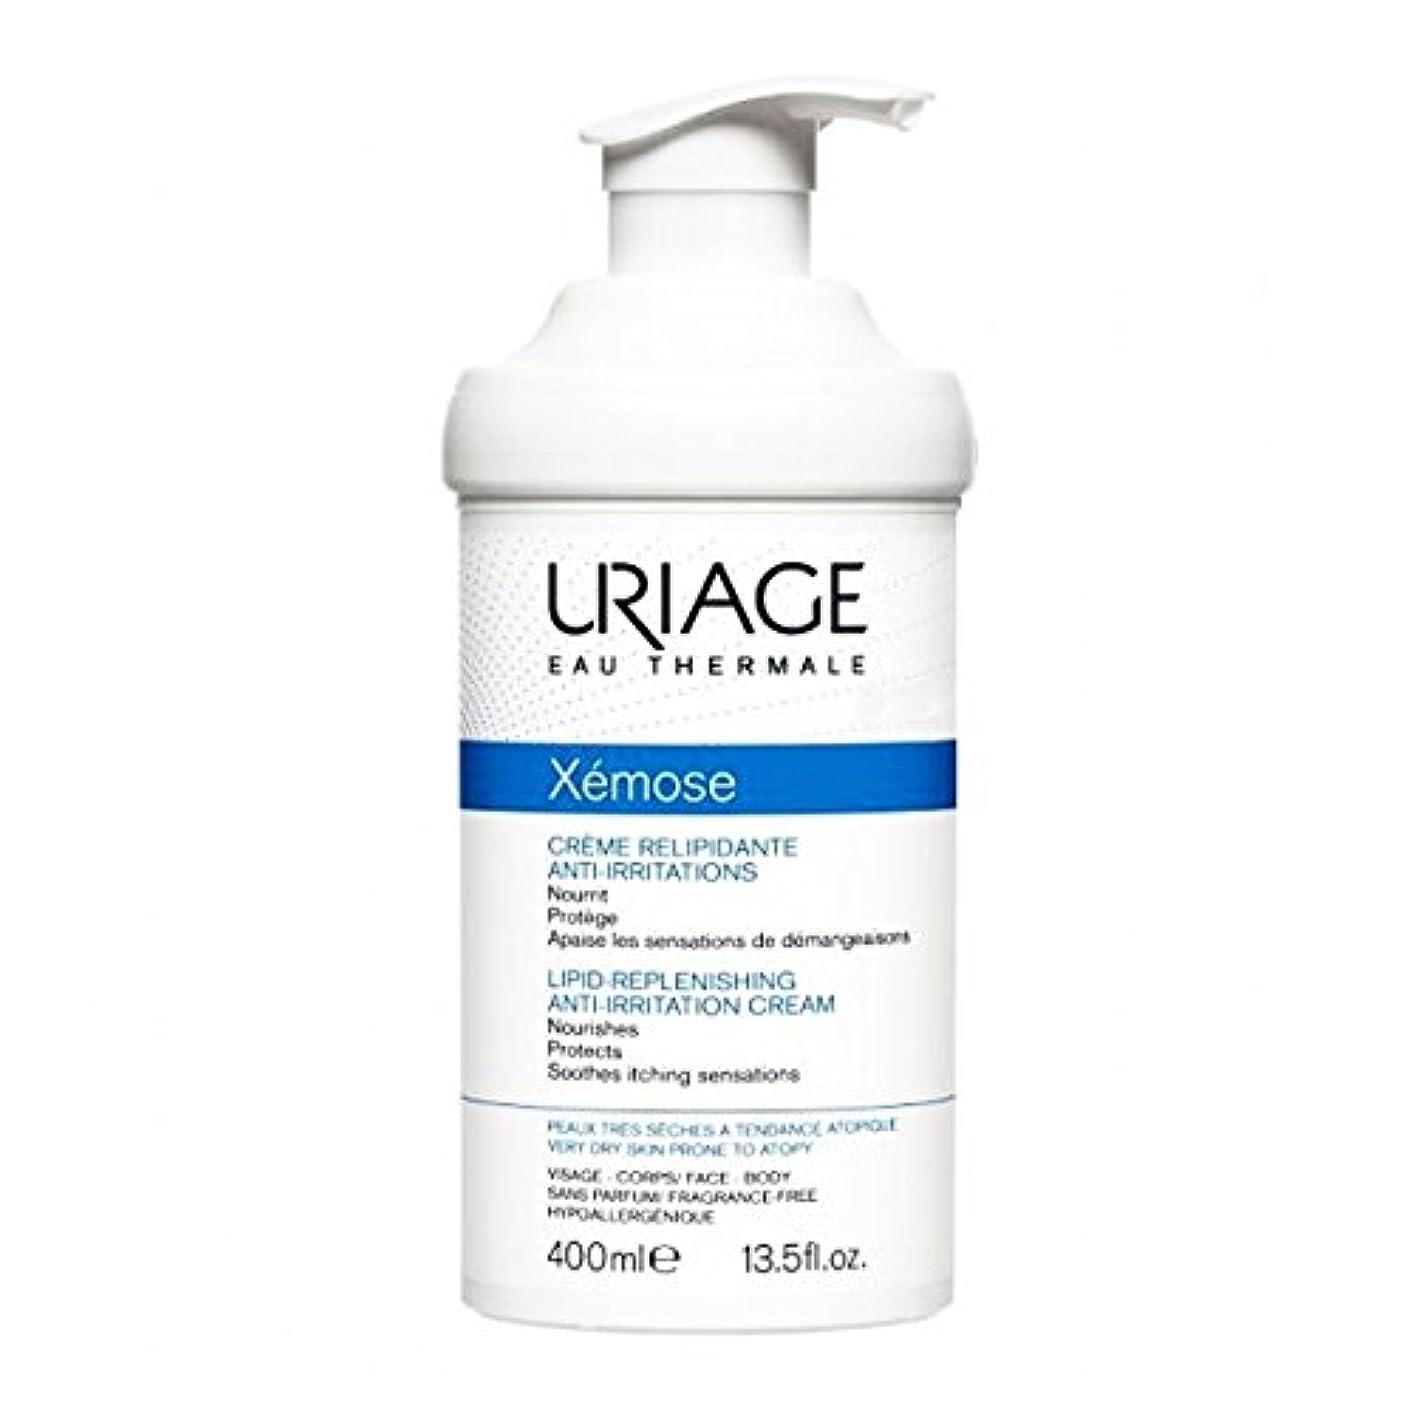 投資する下位ダウンUriage X駑ose Universal Emollient Cream 400ml [並行輸入品]